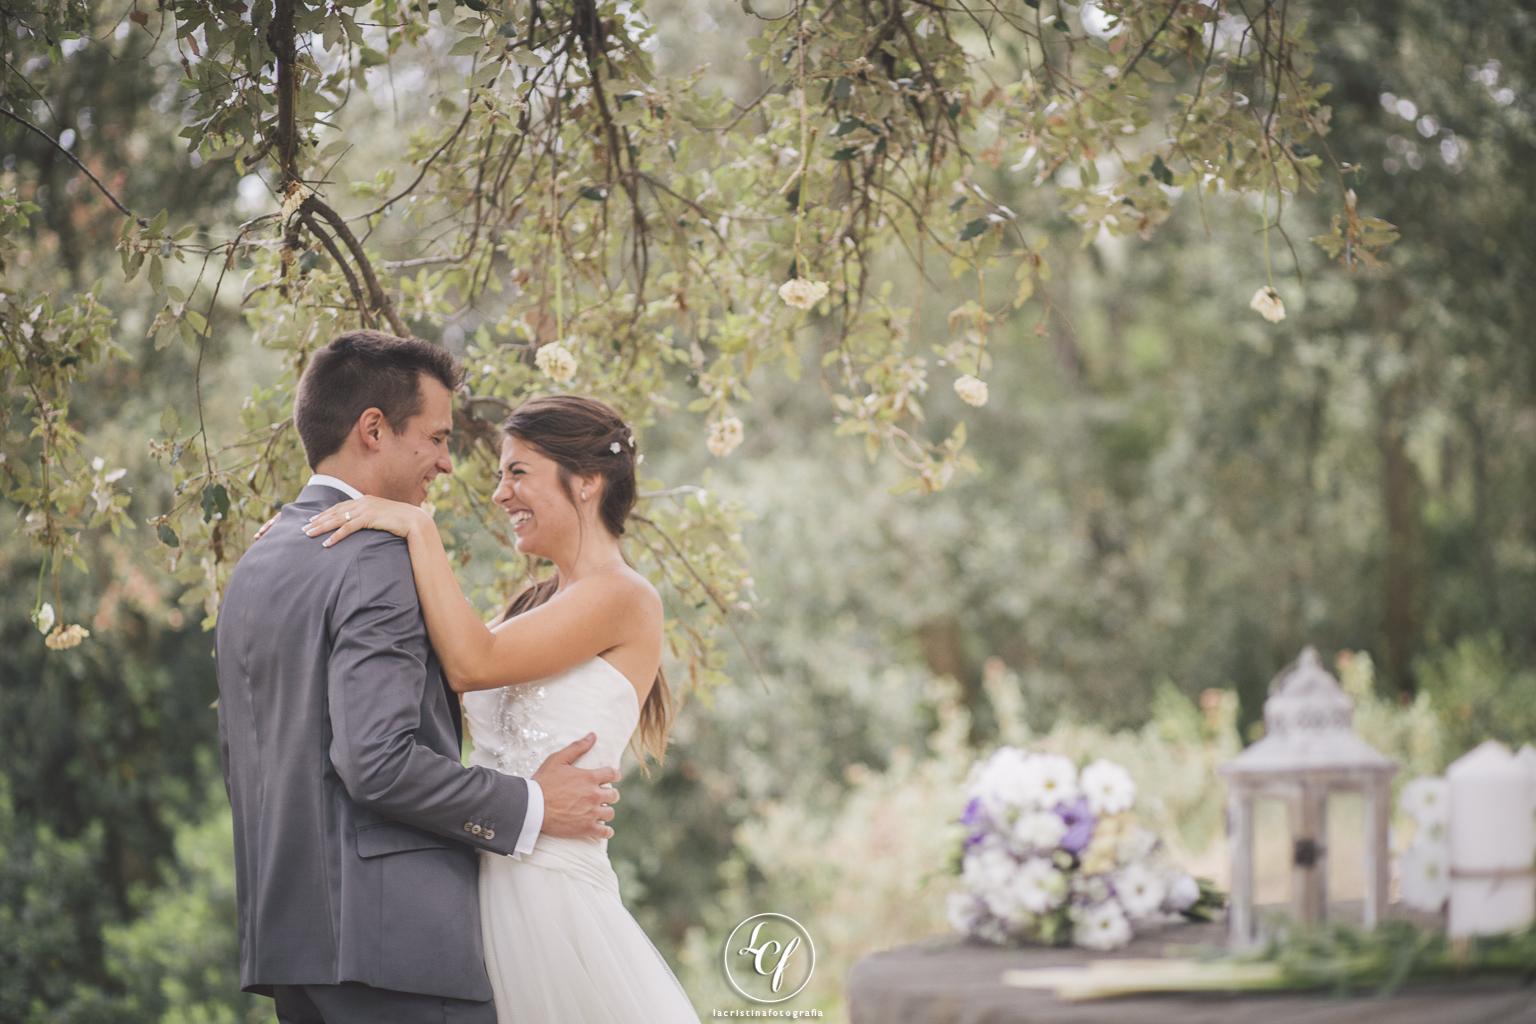 fotógrafo de bodas :: fotografía de bodas :: fotógrafo de bodas en Barcelona :: bodas con encanto :: bodas en el campo :: bodas en masía